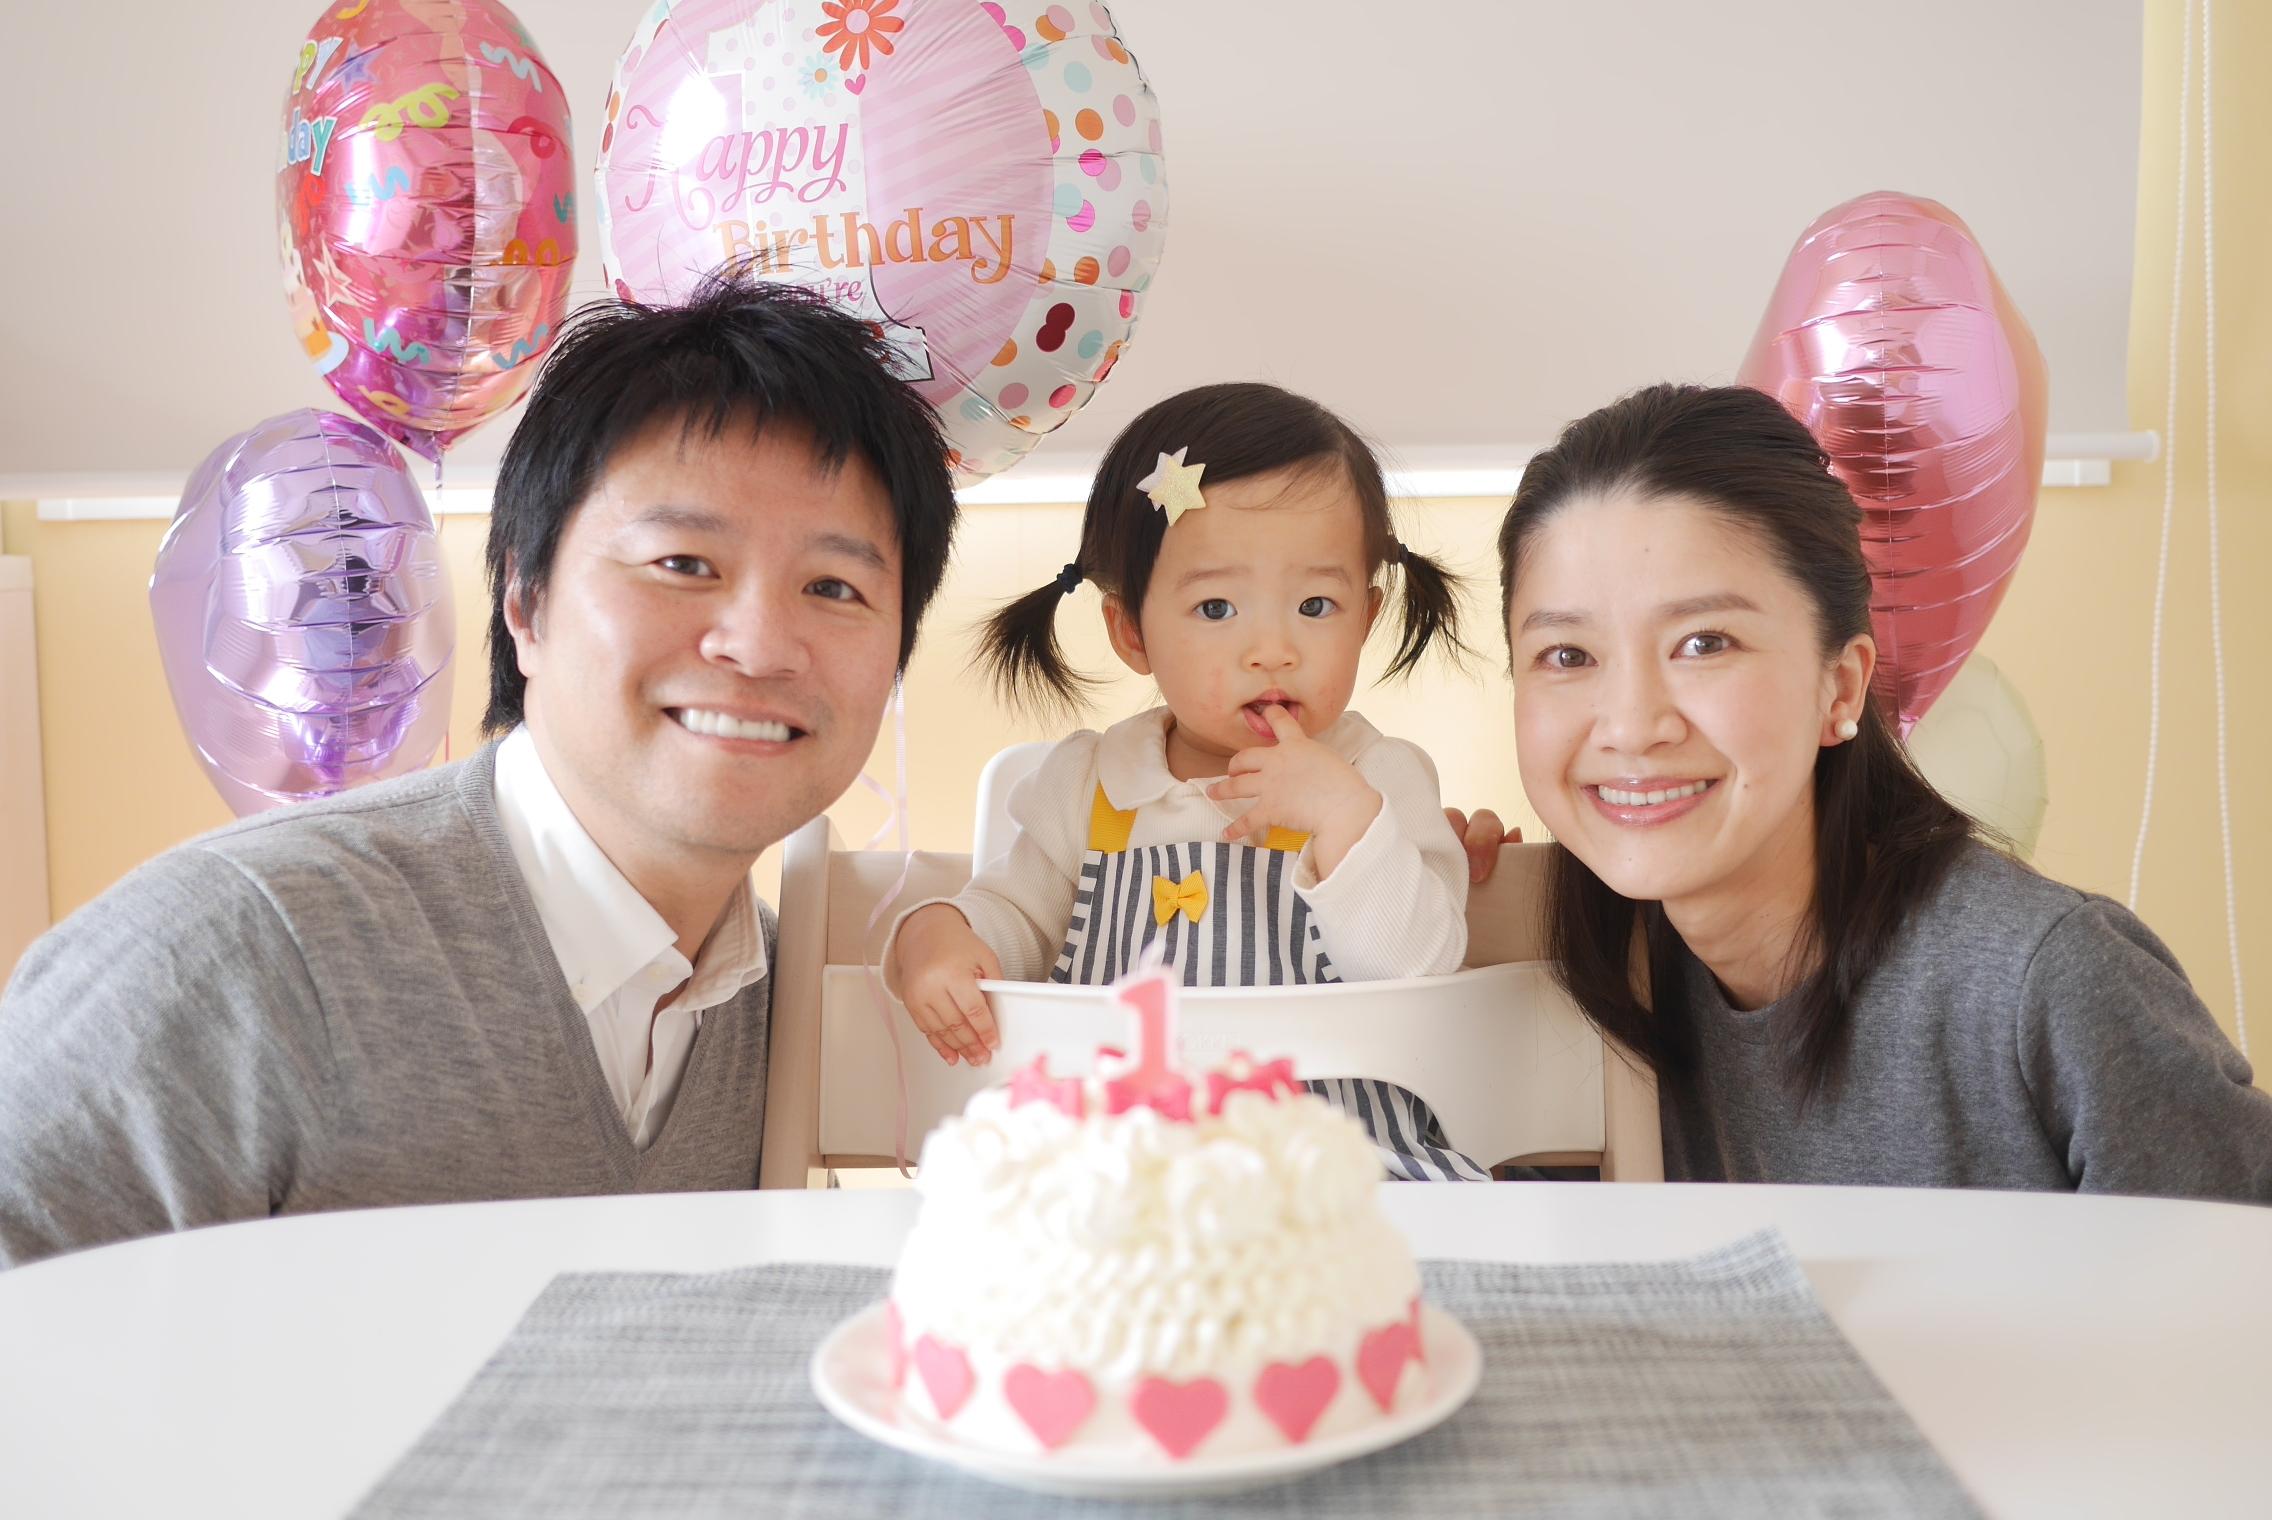 爆毛赤ちゃん 1歳を迎える赤ちゃんのお祝い行事に 素敵な思い出になりますよ!